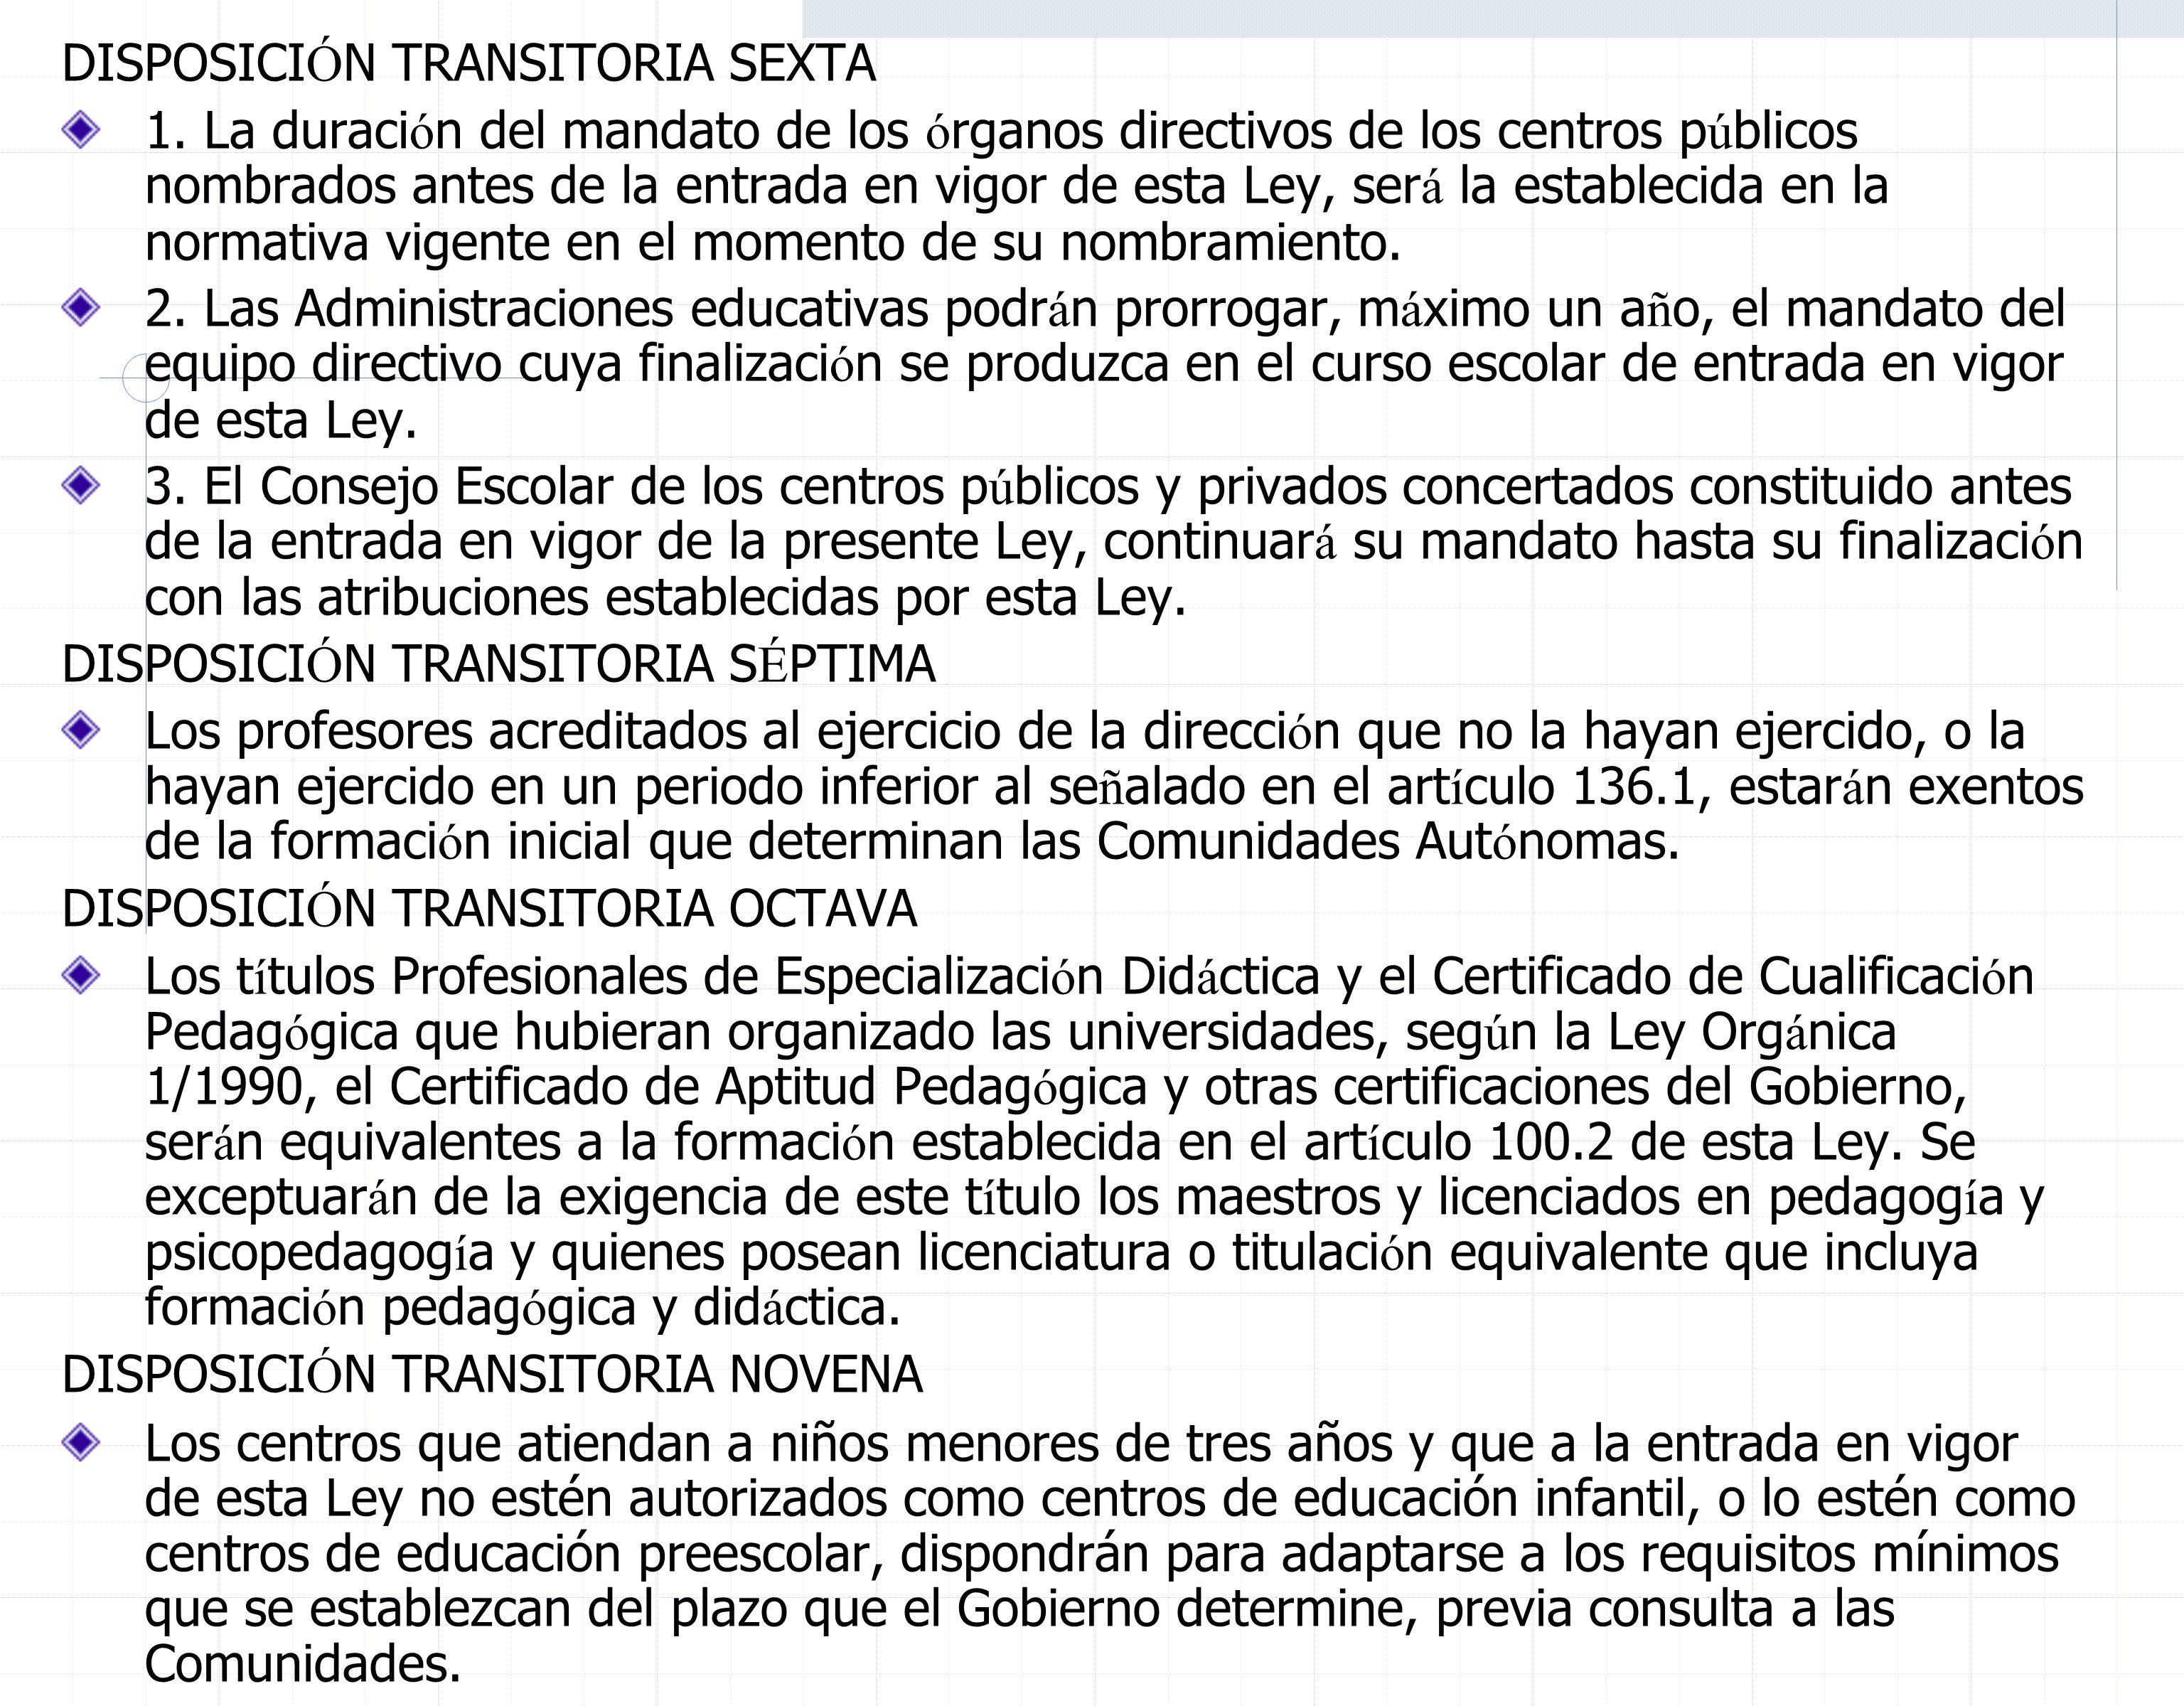 DISPOSICIÓN TRANSIORIA DÉCIMA 1.